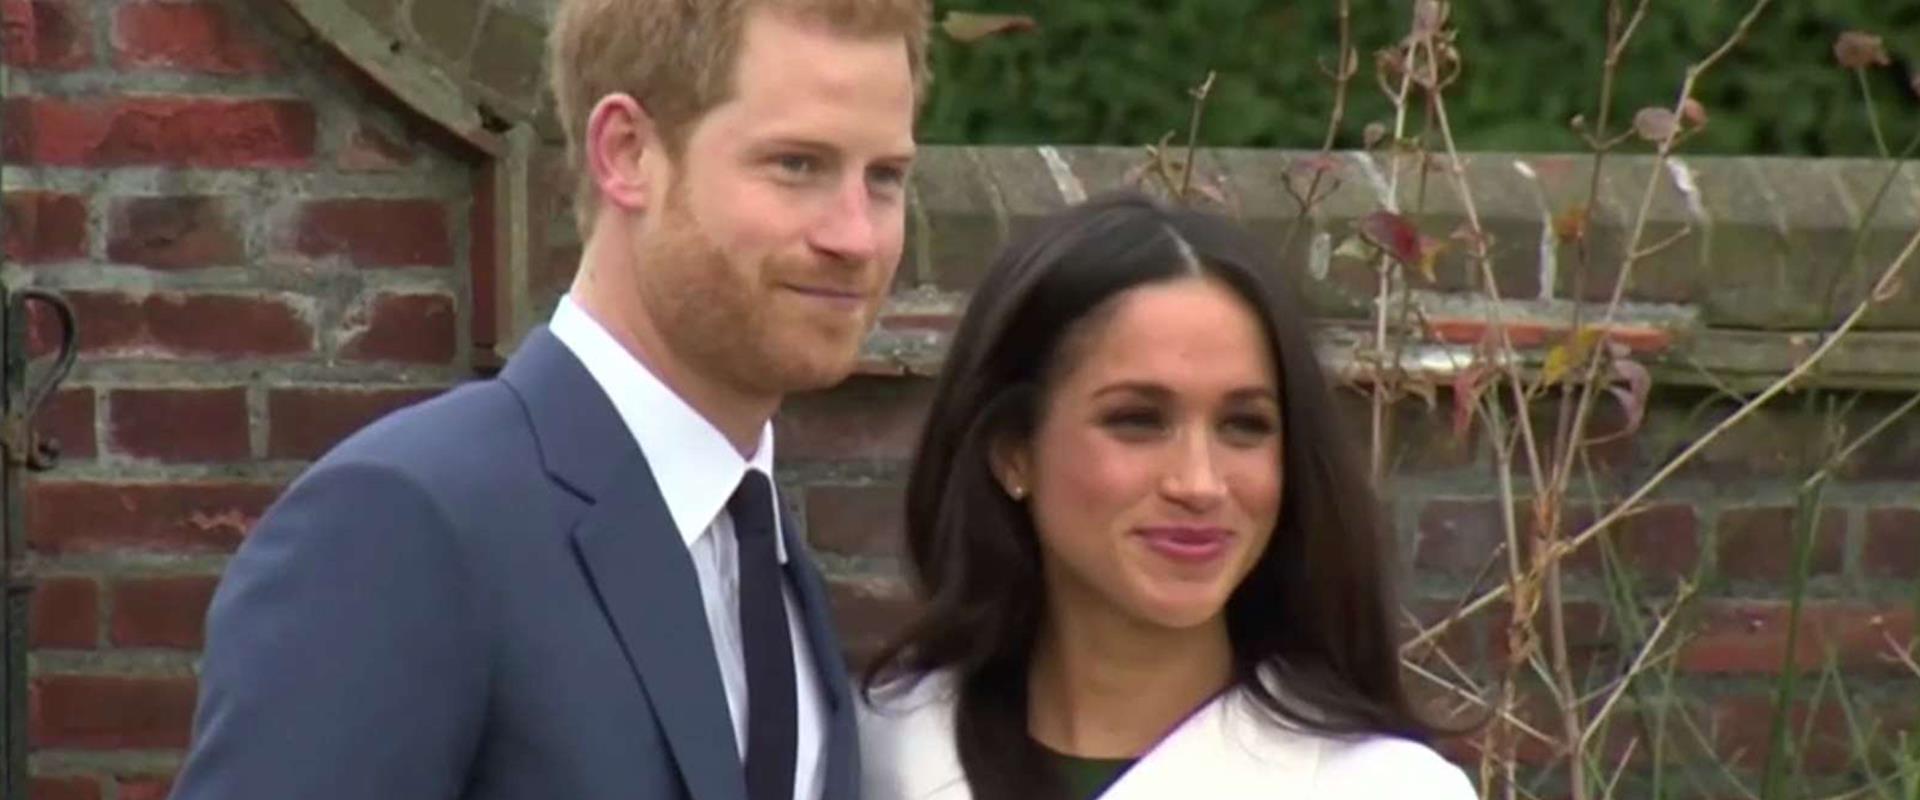 המלכה בהלם: הנסיך הארי ומייגן מרקל פרשו בלי להתייע